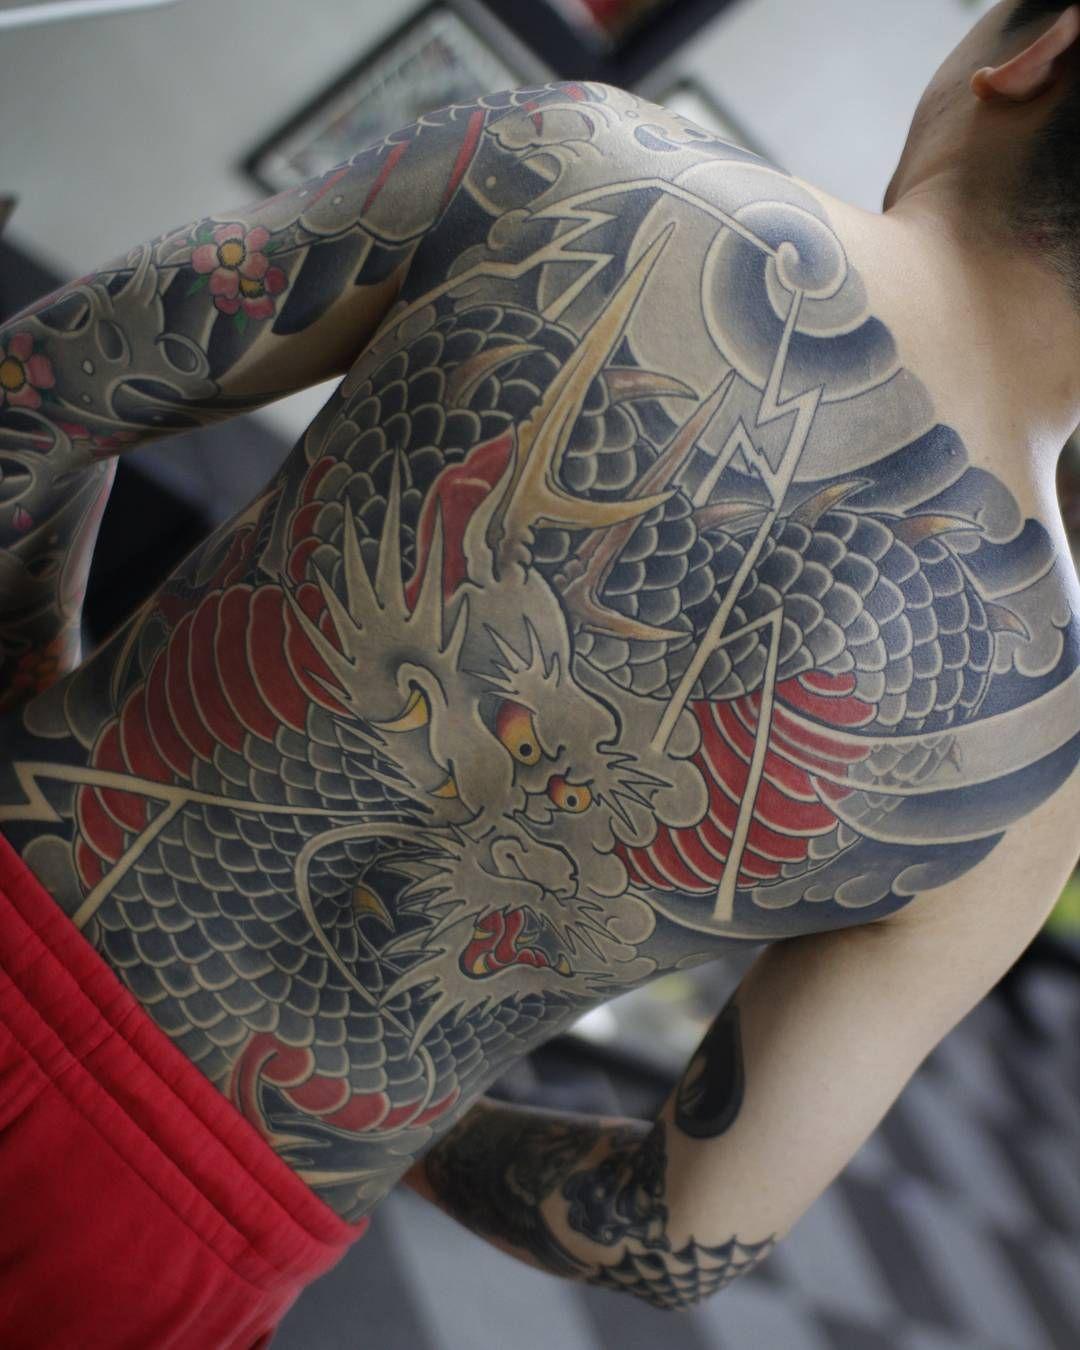 Yakuza Full Back Tattoo Japanese